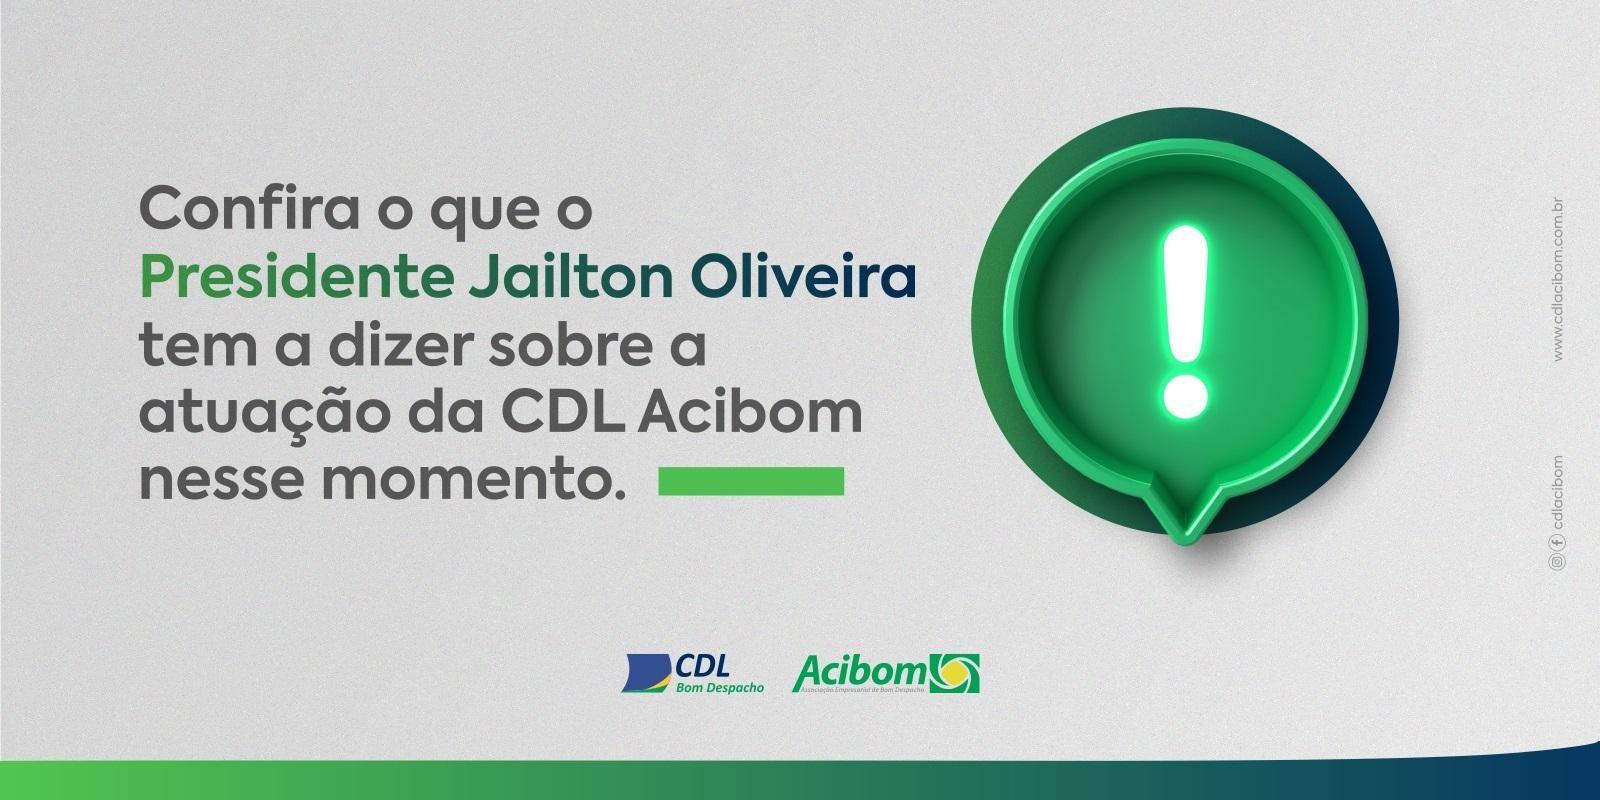 Confira o que o Presidente Jailton Oliveira tem a dizer sobre a atuação da CDL Acibom nesse momento